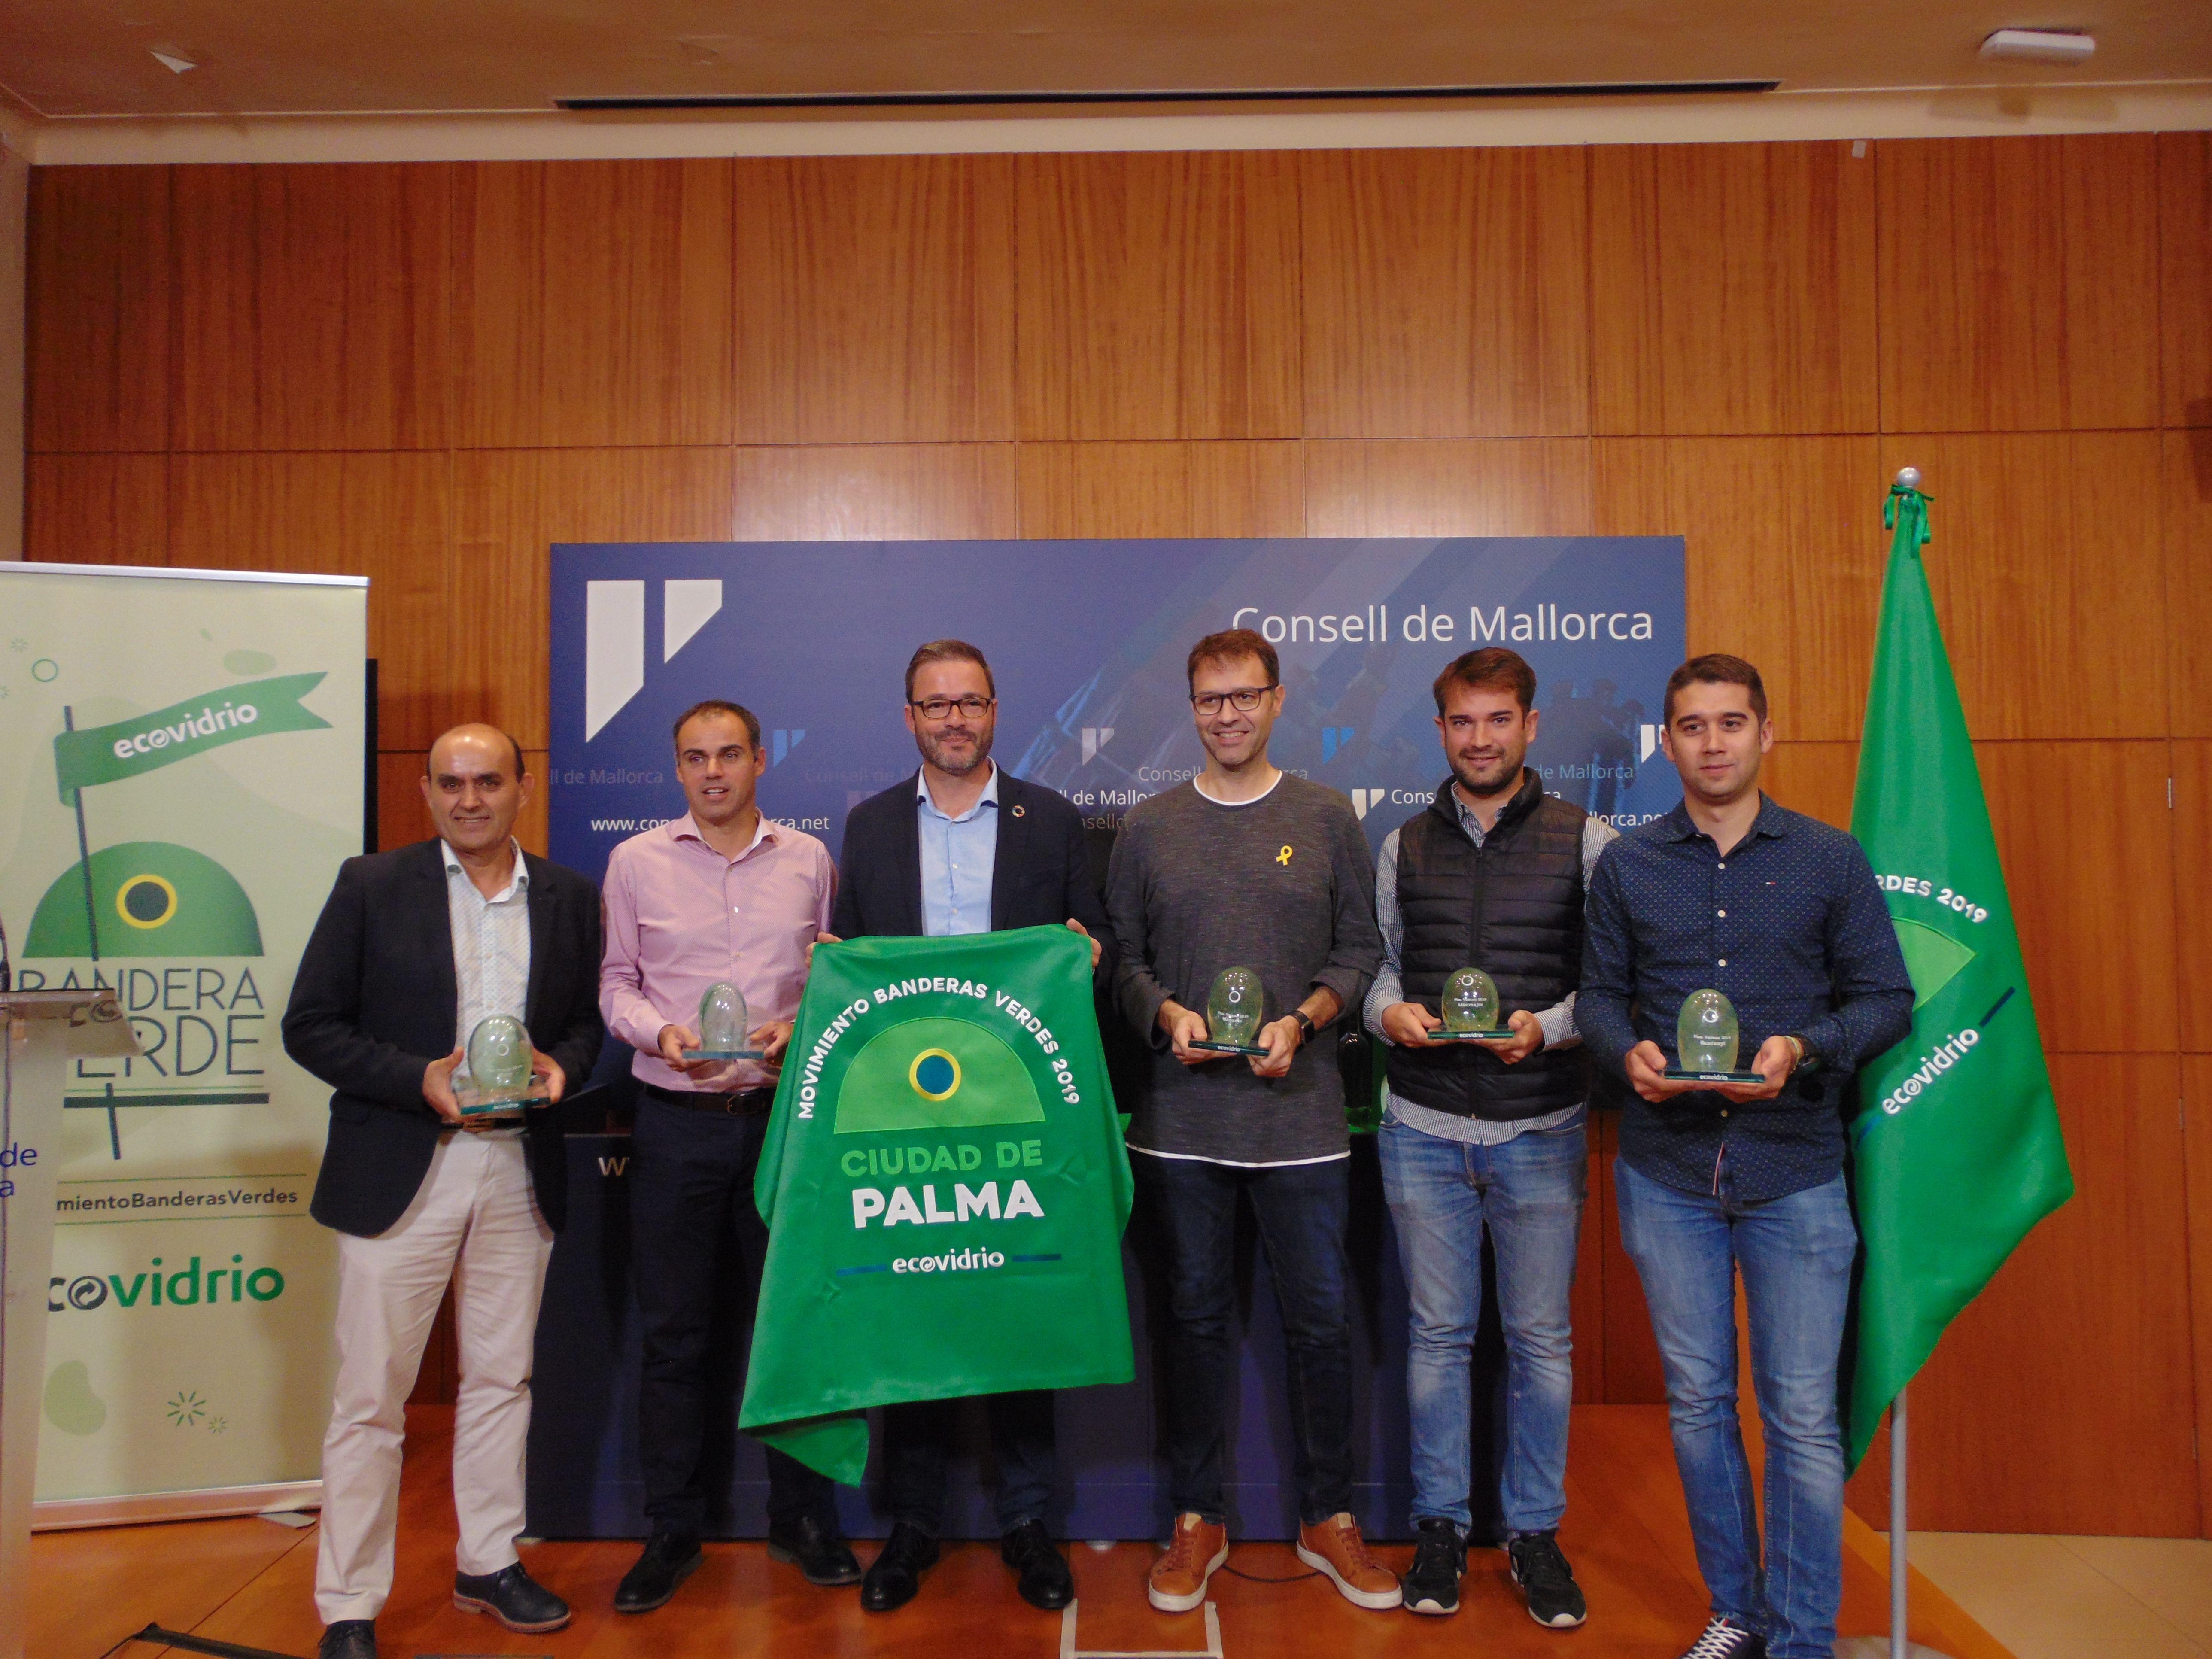 entrega bandera verde en Palma